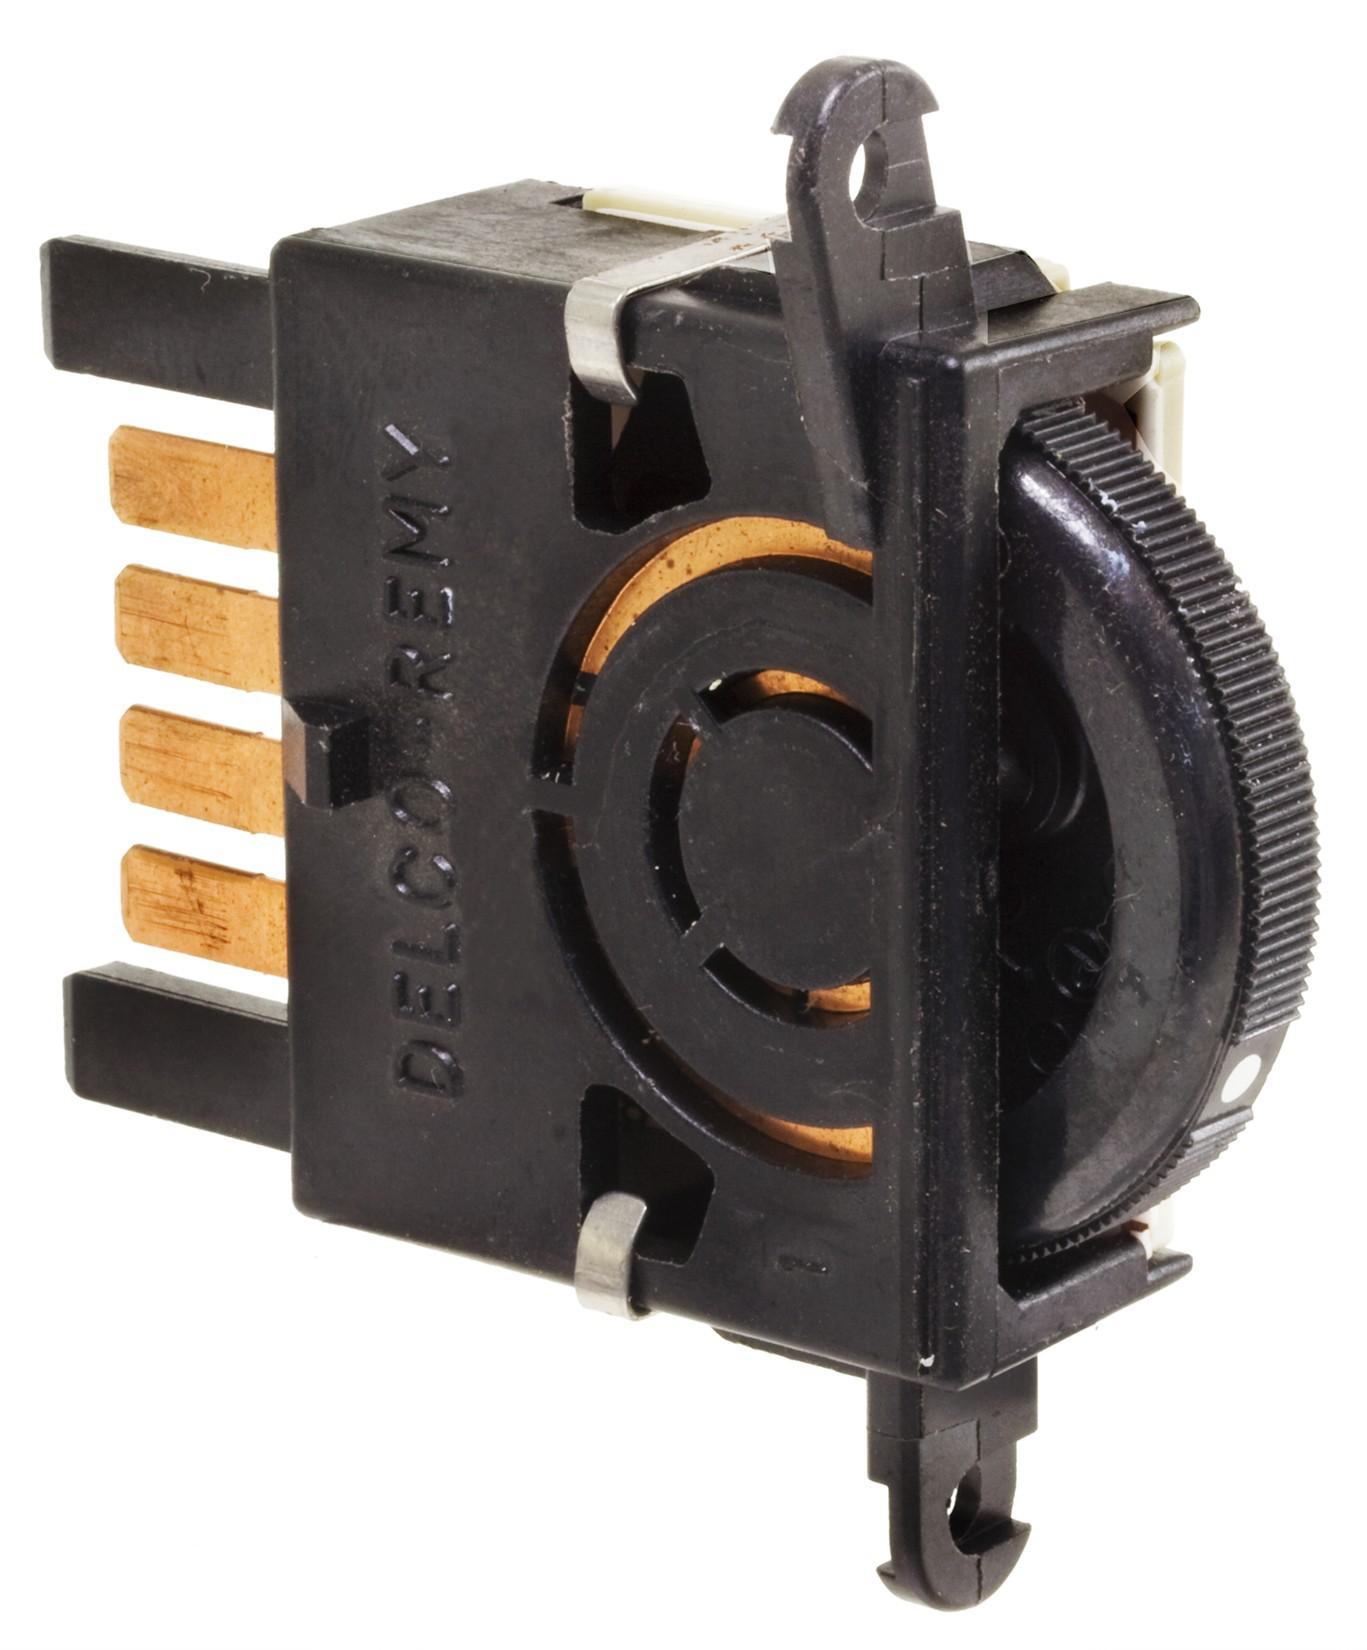 instrument panel dimmer switch wells uds444 fits 85 90 chevrolet cavalier ebay. Black Bedroom Furniture Sets. Home Design Ideas